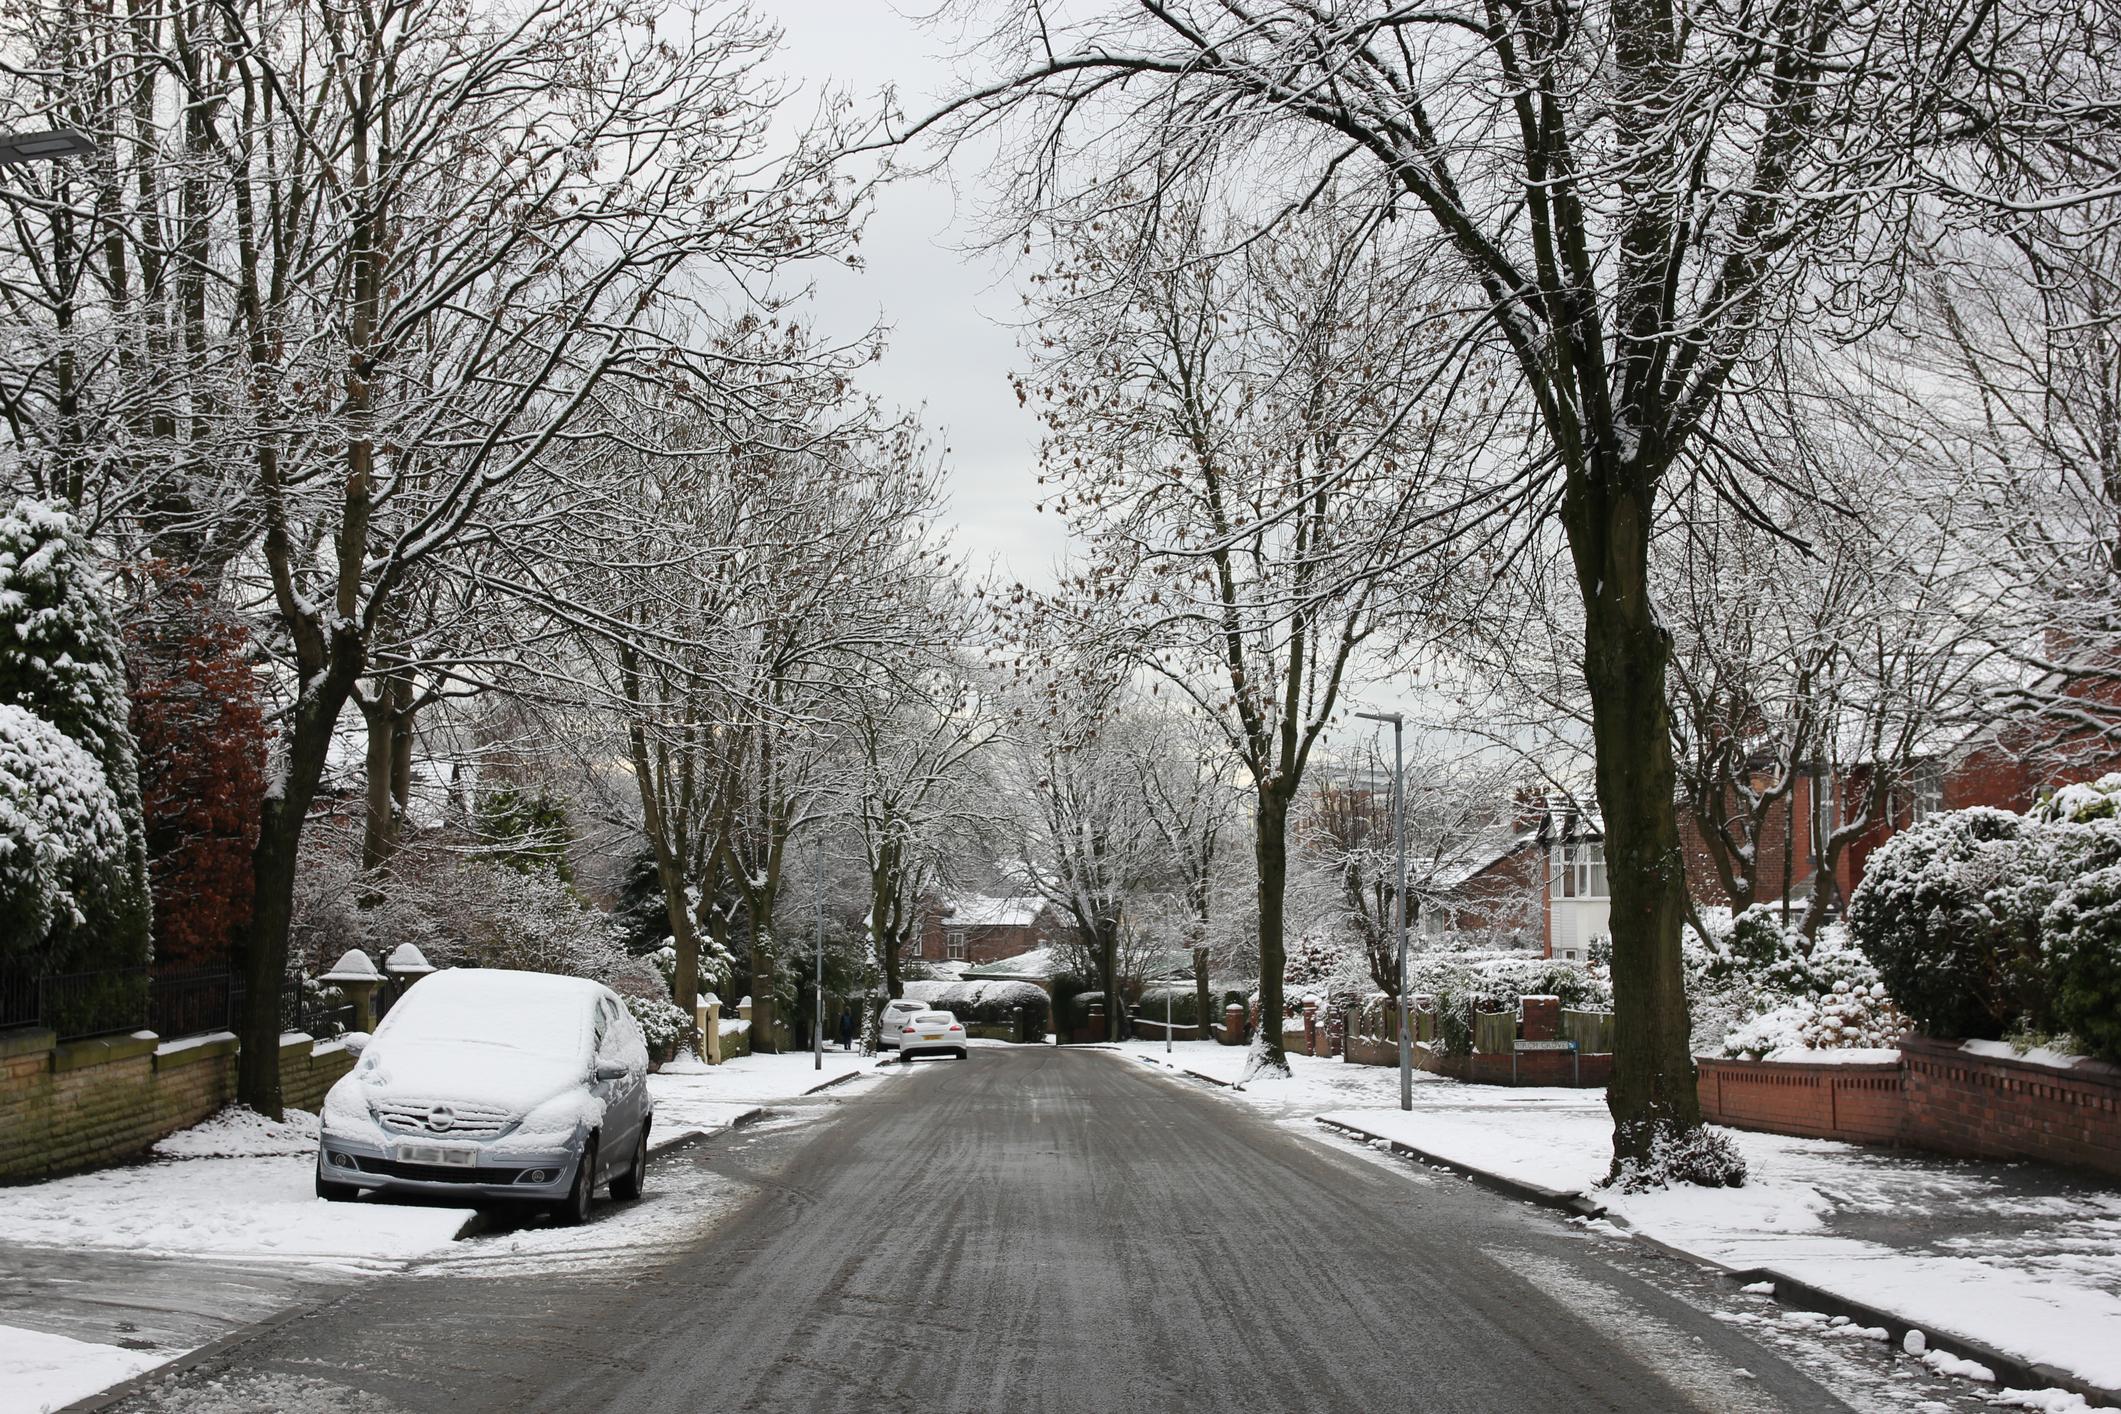 snow, ice, weather